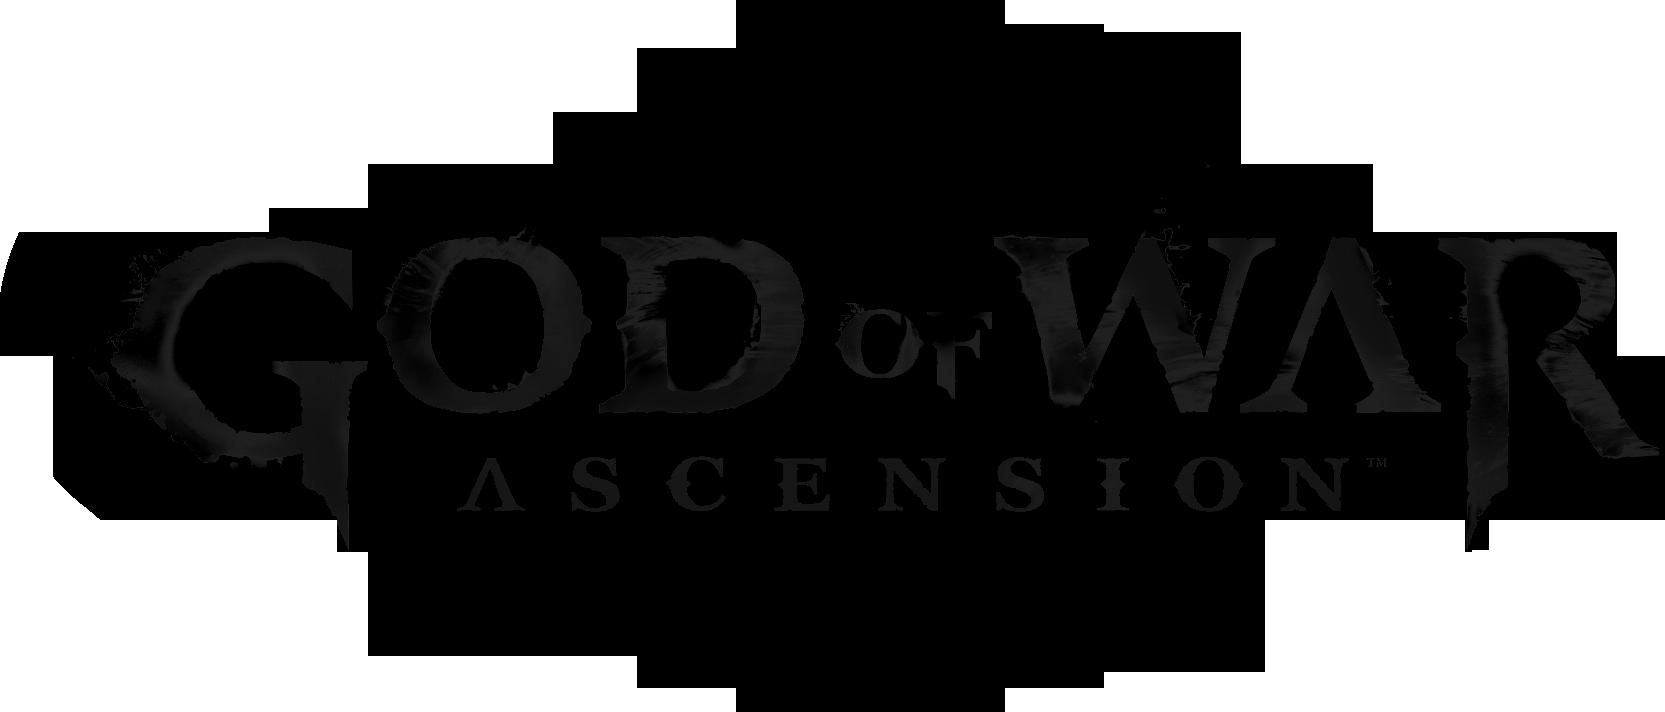 God clipart ascension. Of war logo png